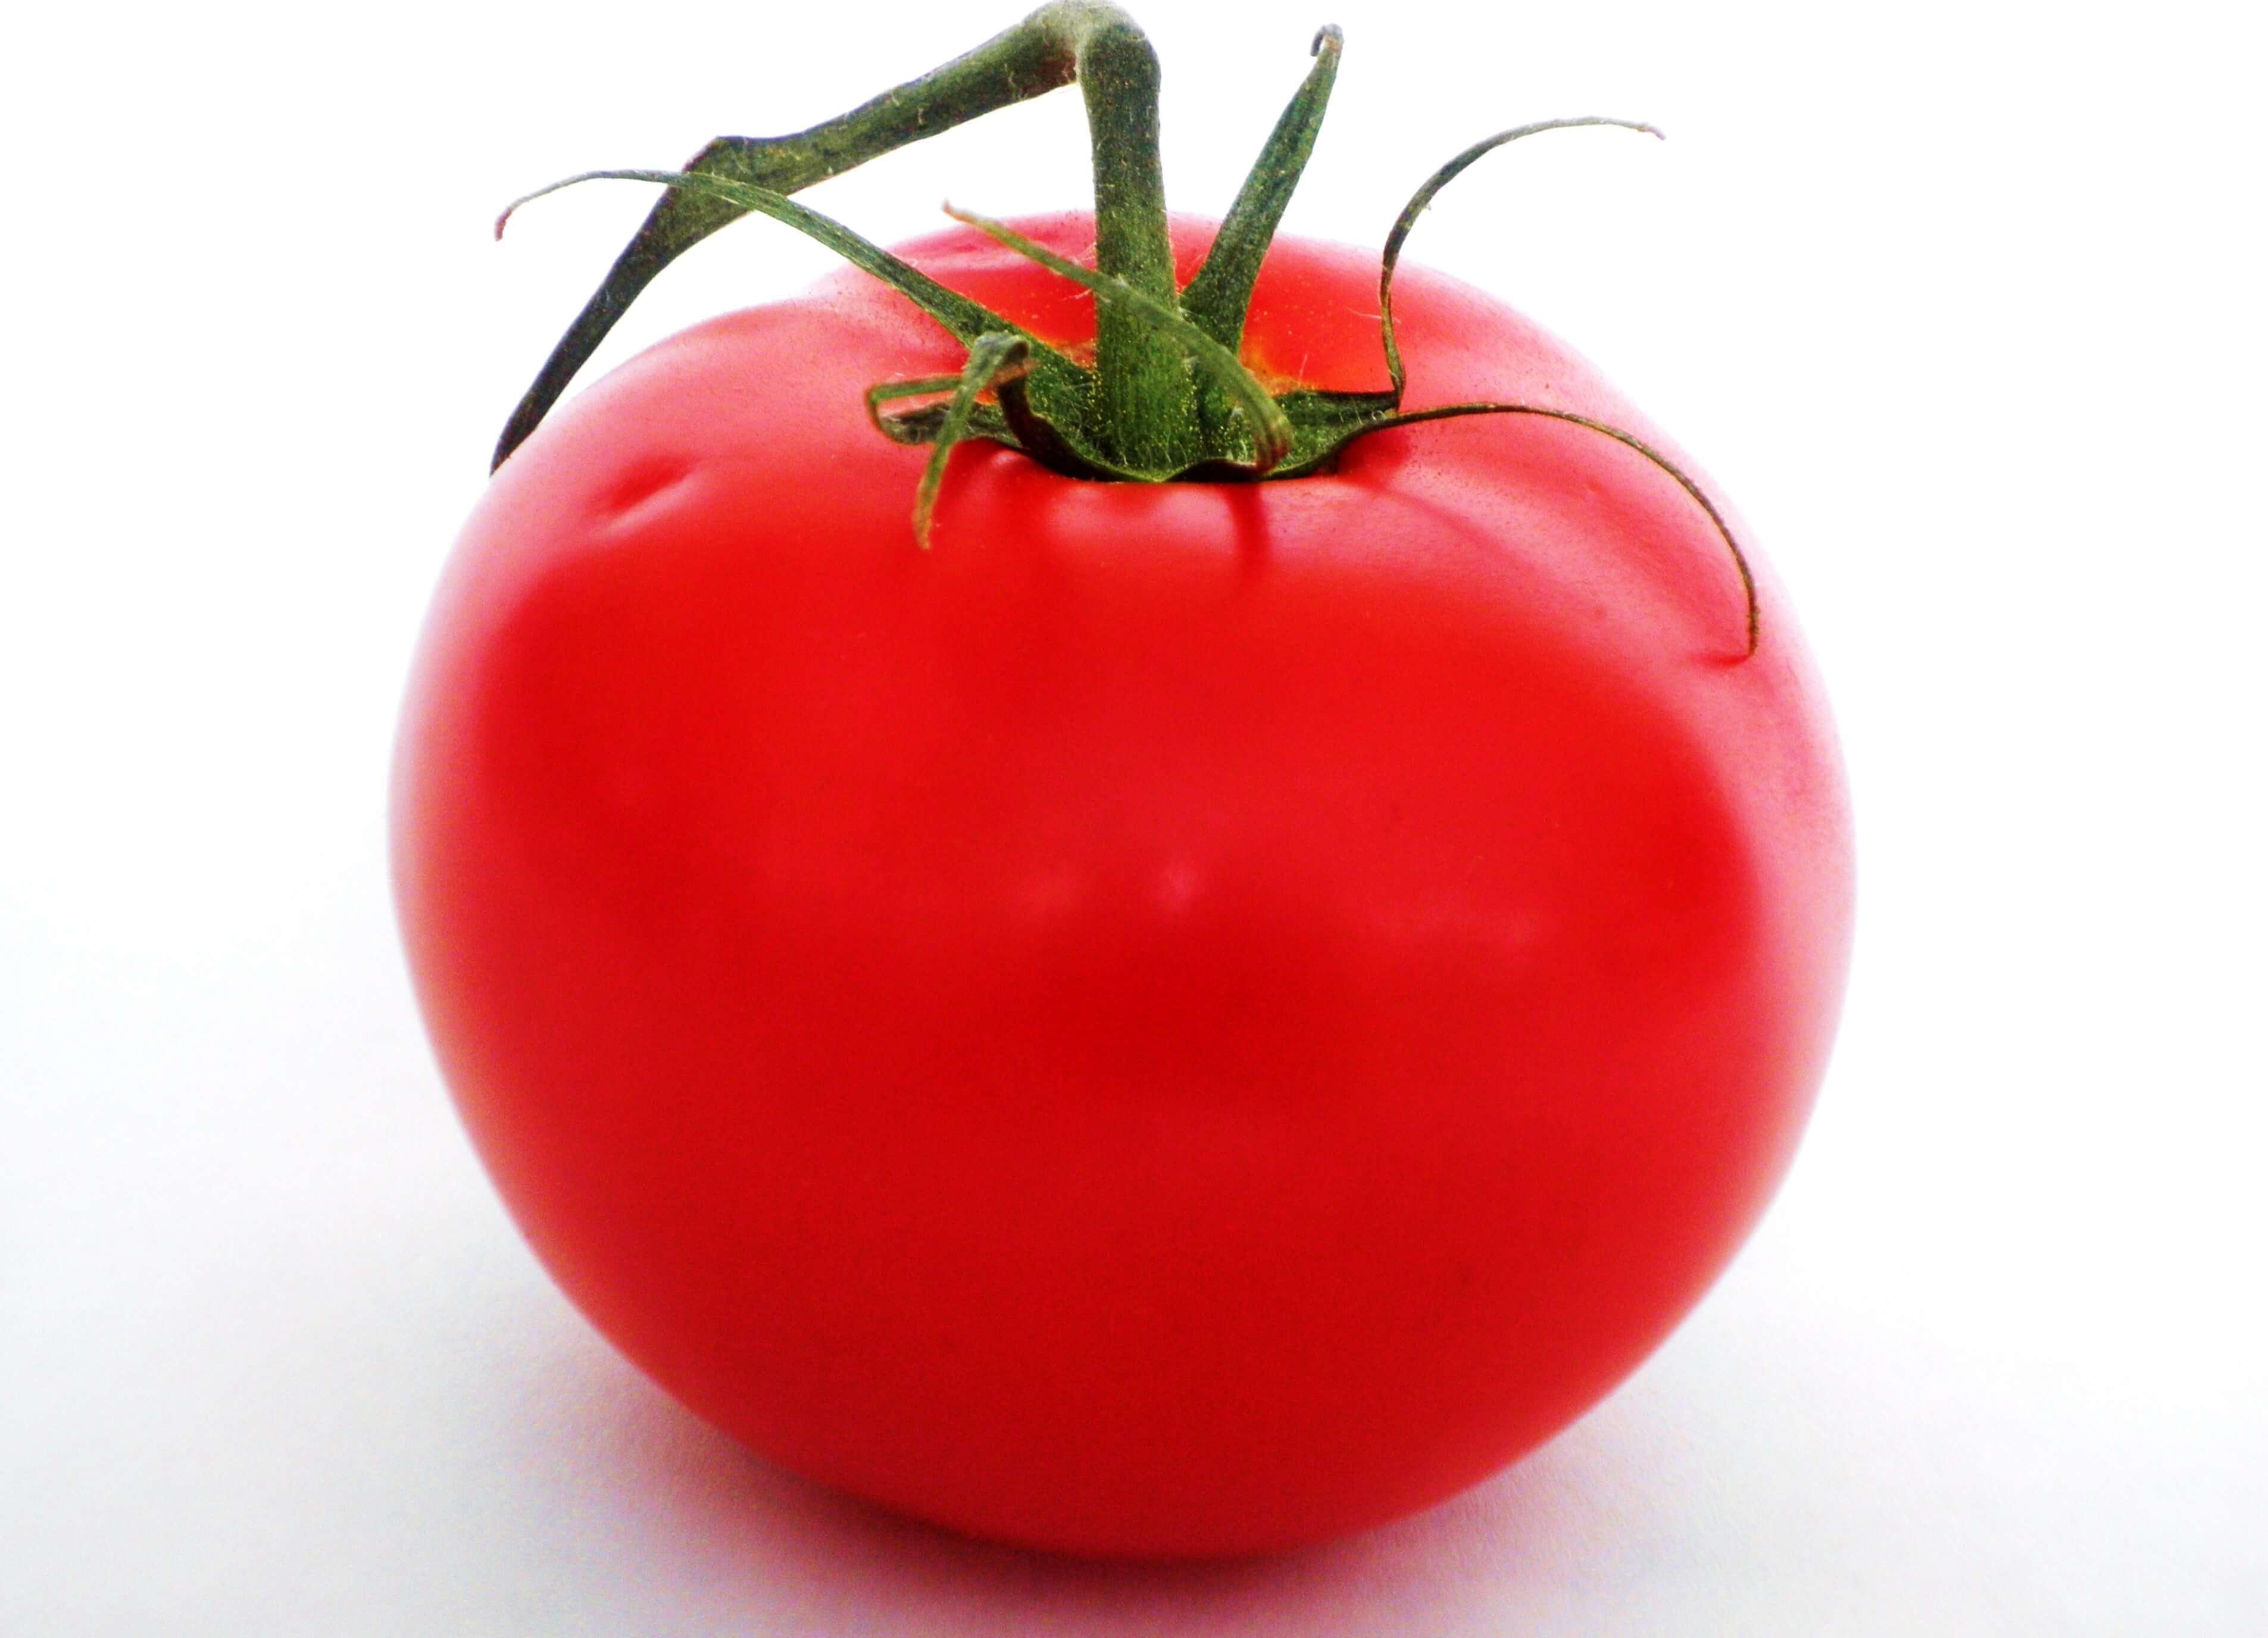 Tomato 9